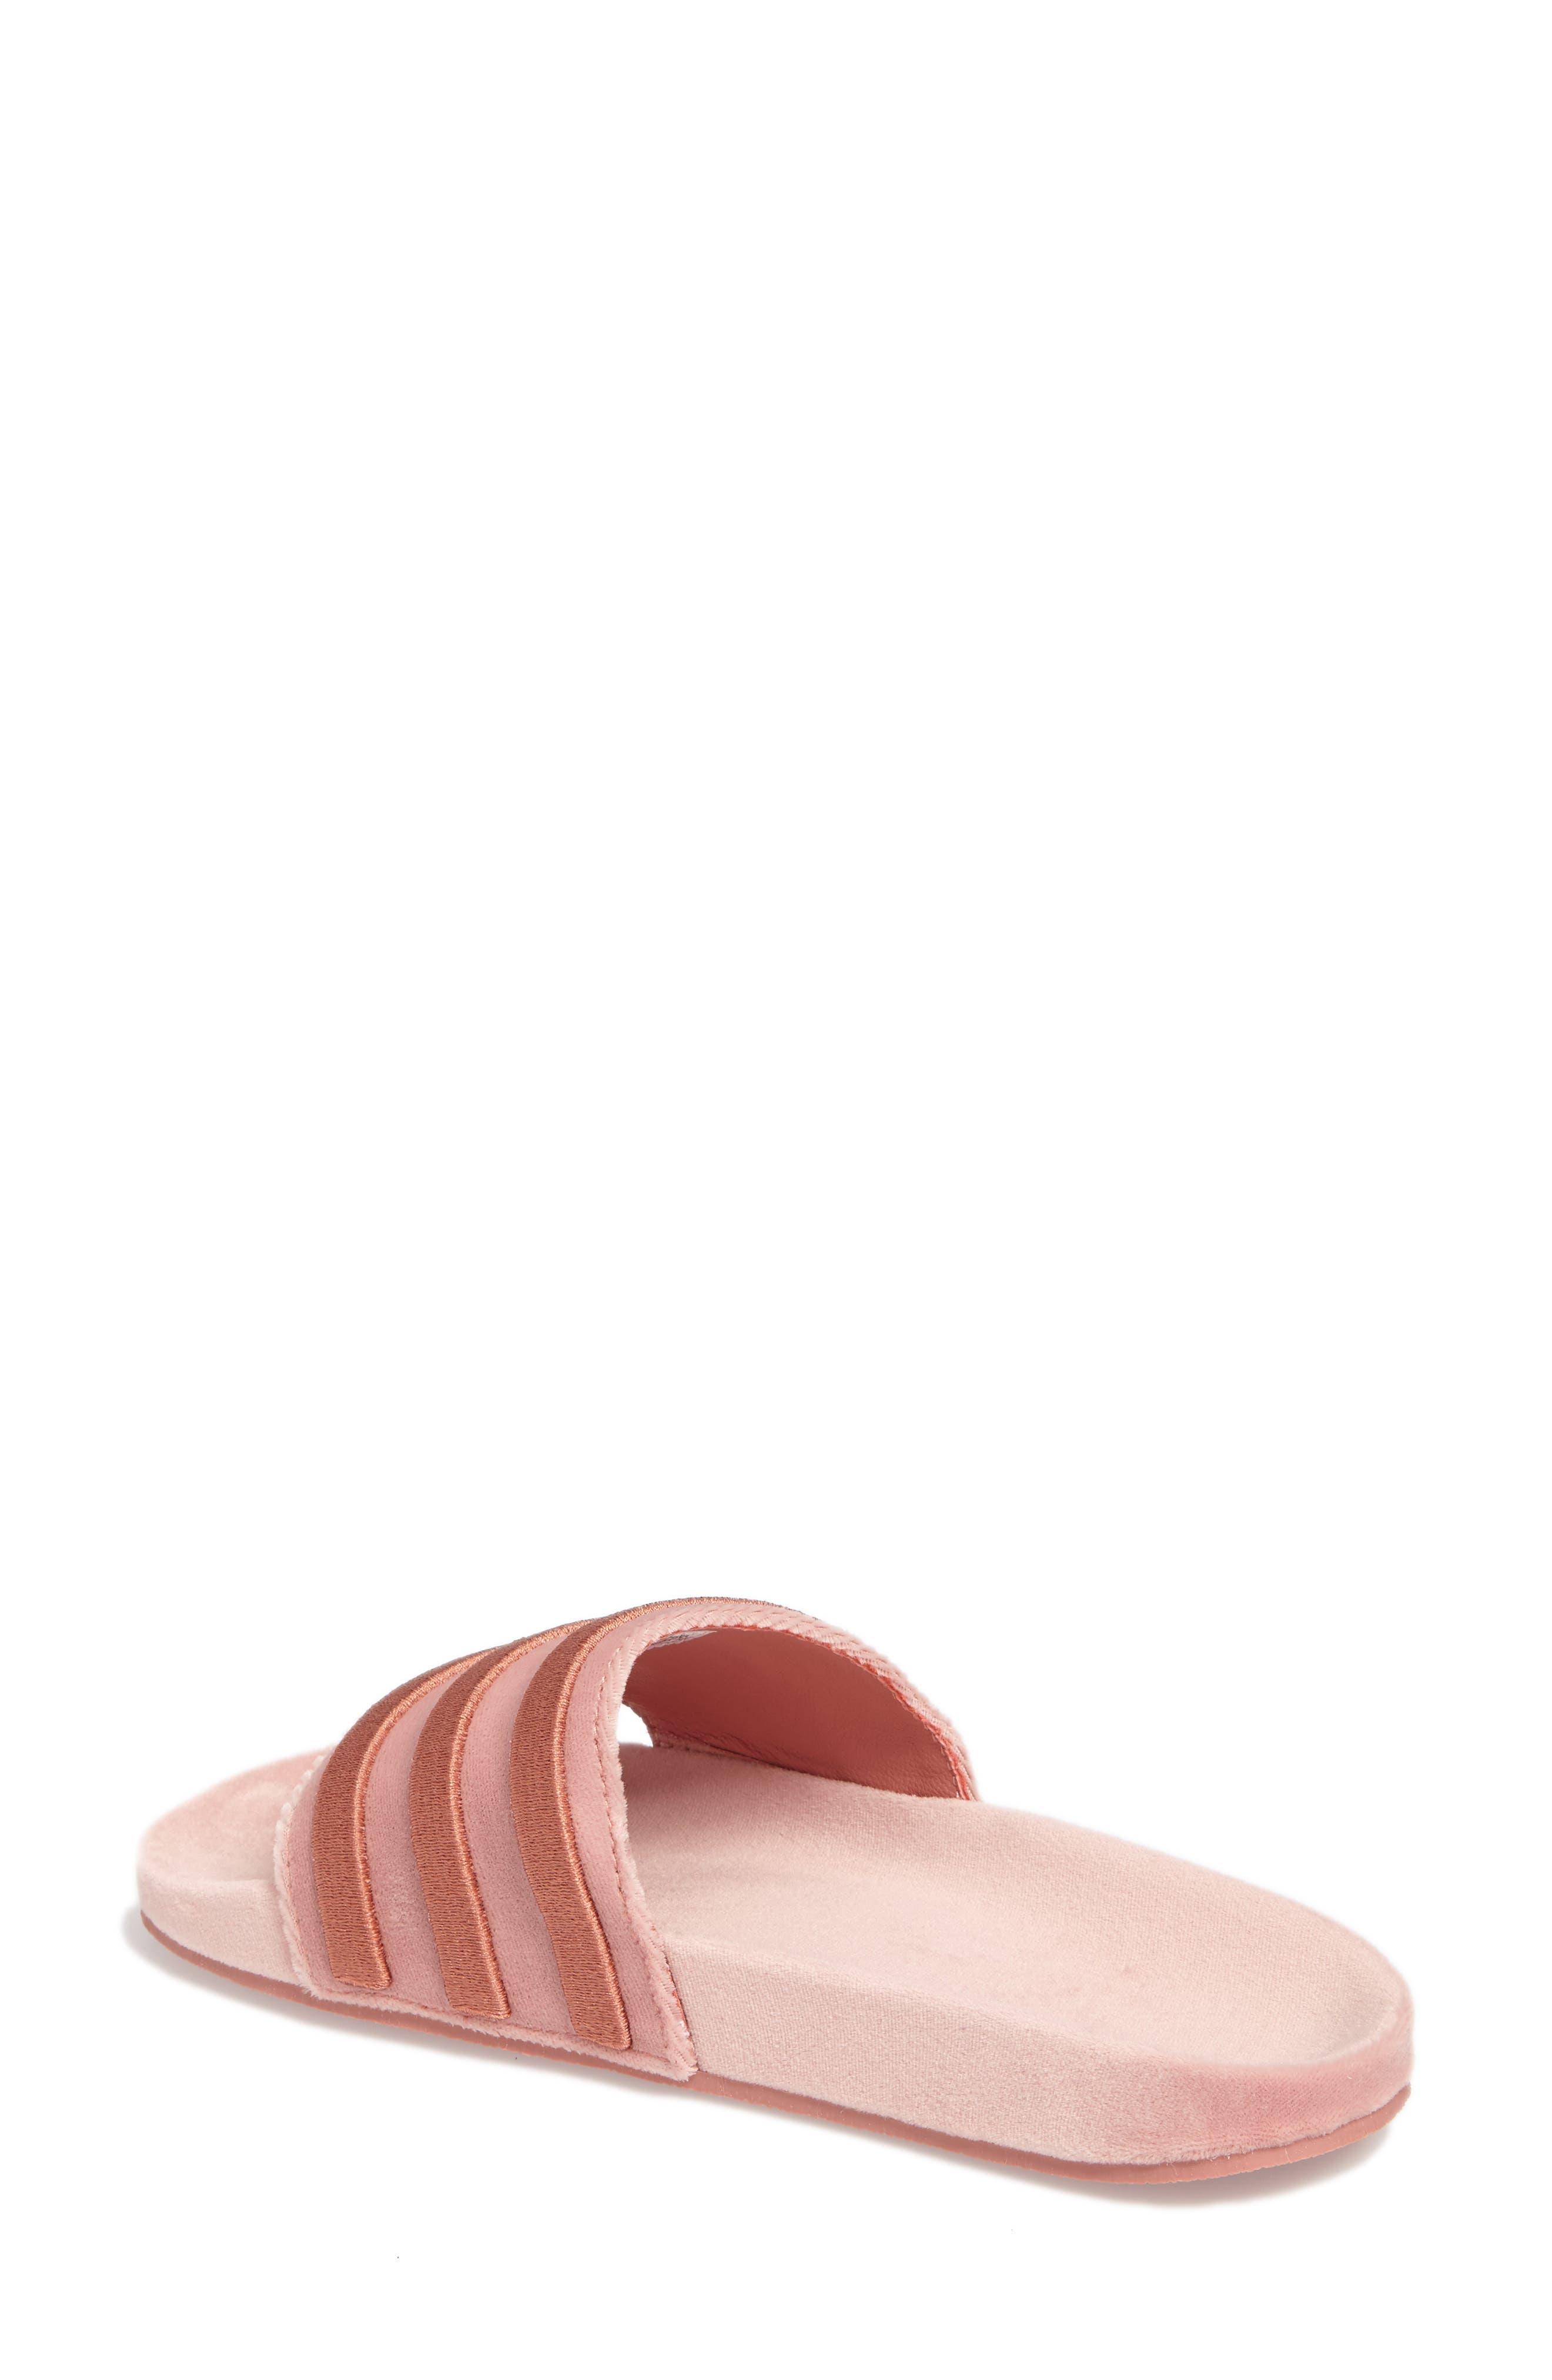 Alternate Image 2  - adidas 'Adilette' Slide Sandal (Women)